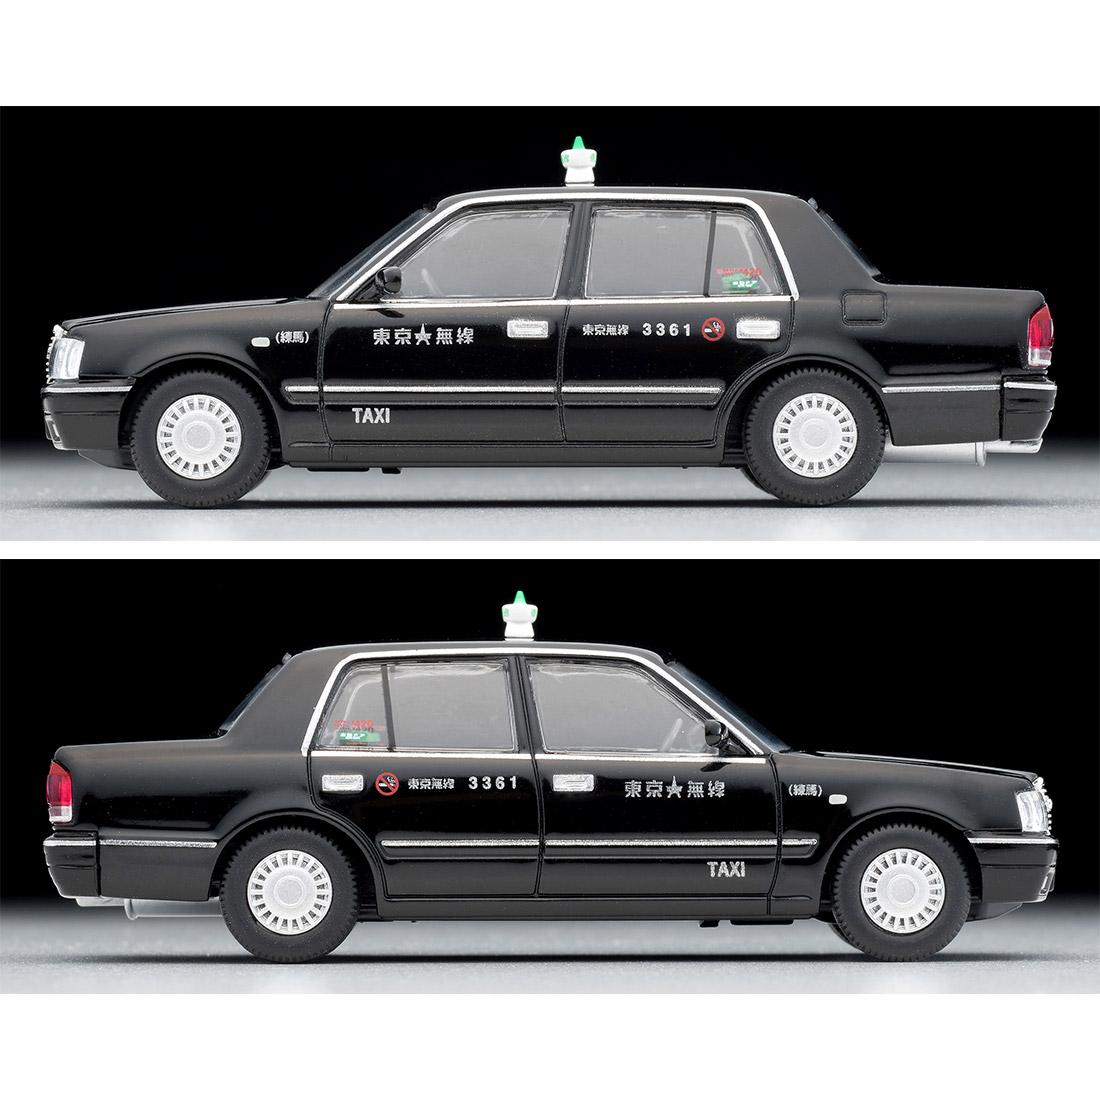 トミカリミテッド ヴィンテージ ネオ TLV-NEO『LV-N218a トヨタ クラウンコンフォート 東京無線タクシー(緑)』1/64 ミニカー-014